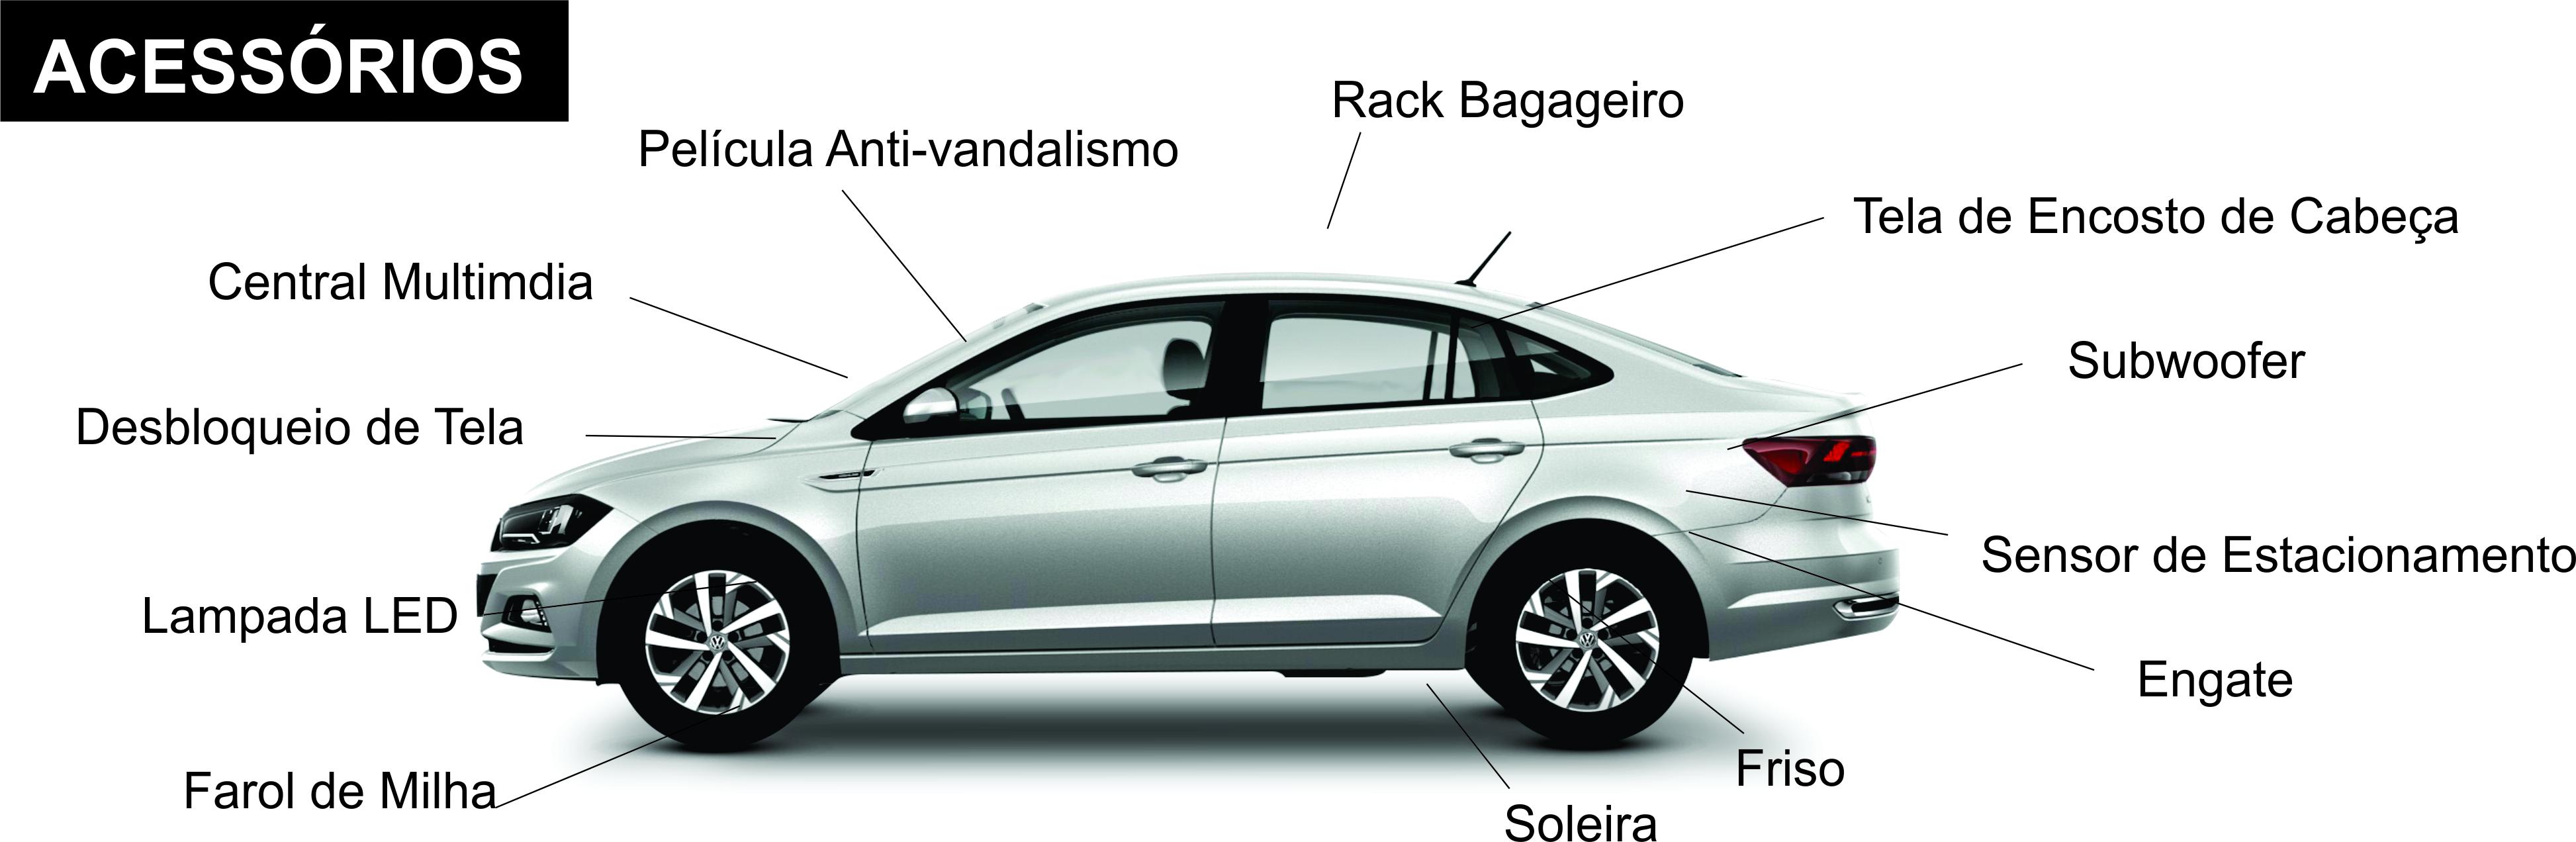 ACESSORIOS VW VIRTUS